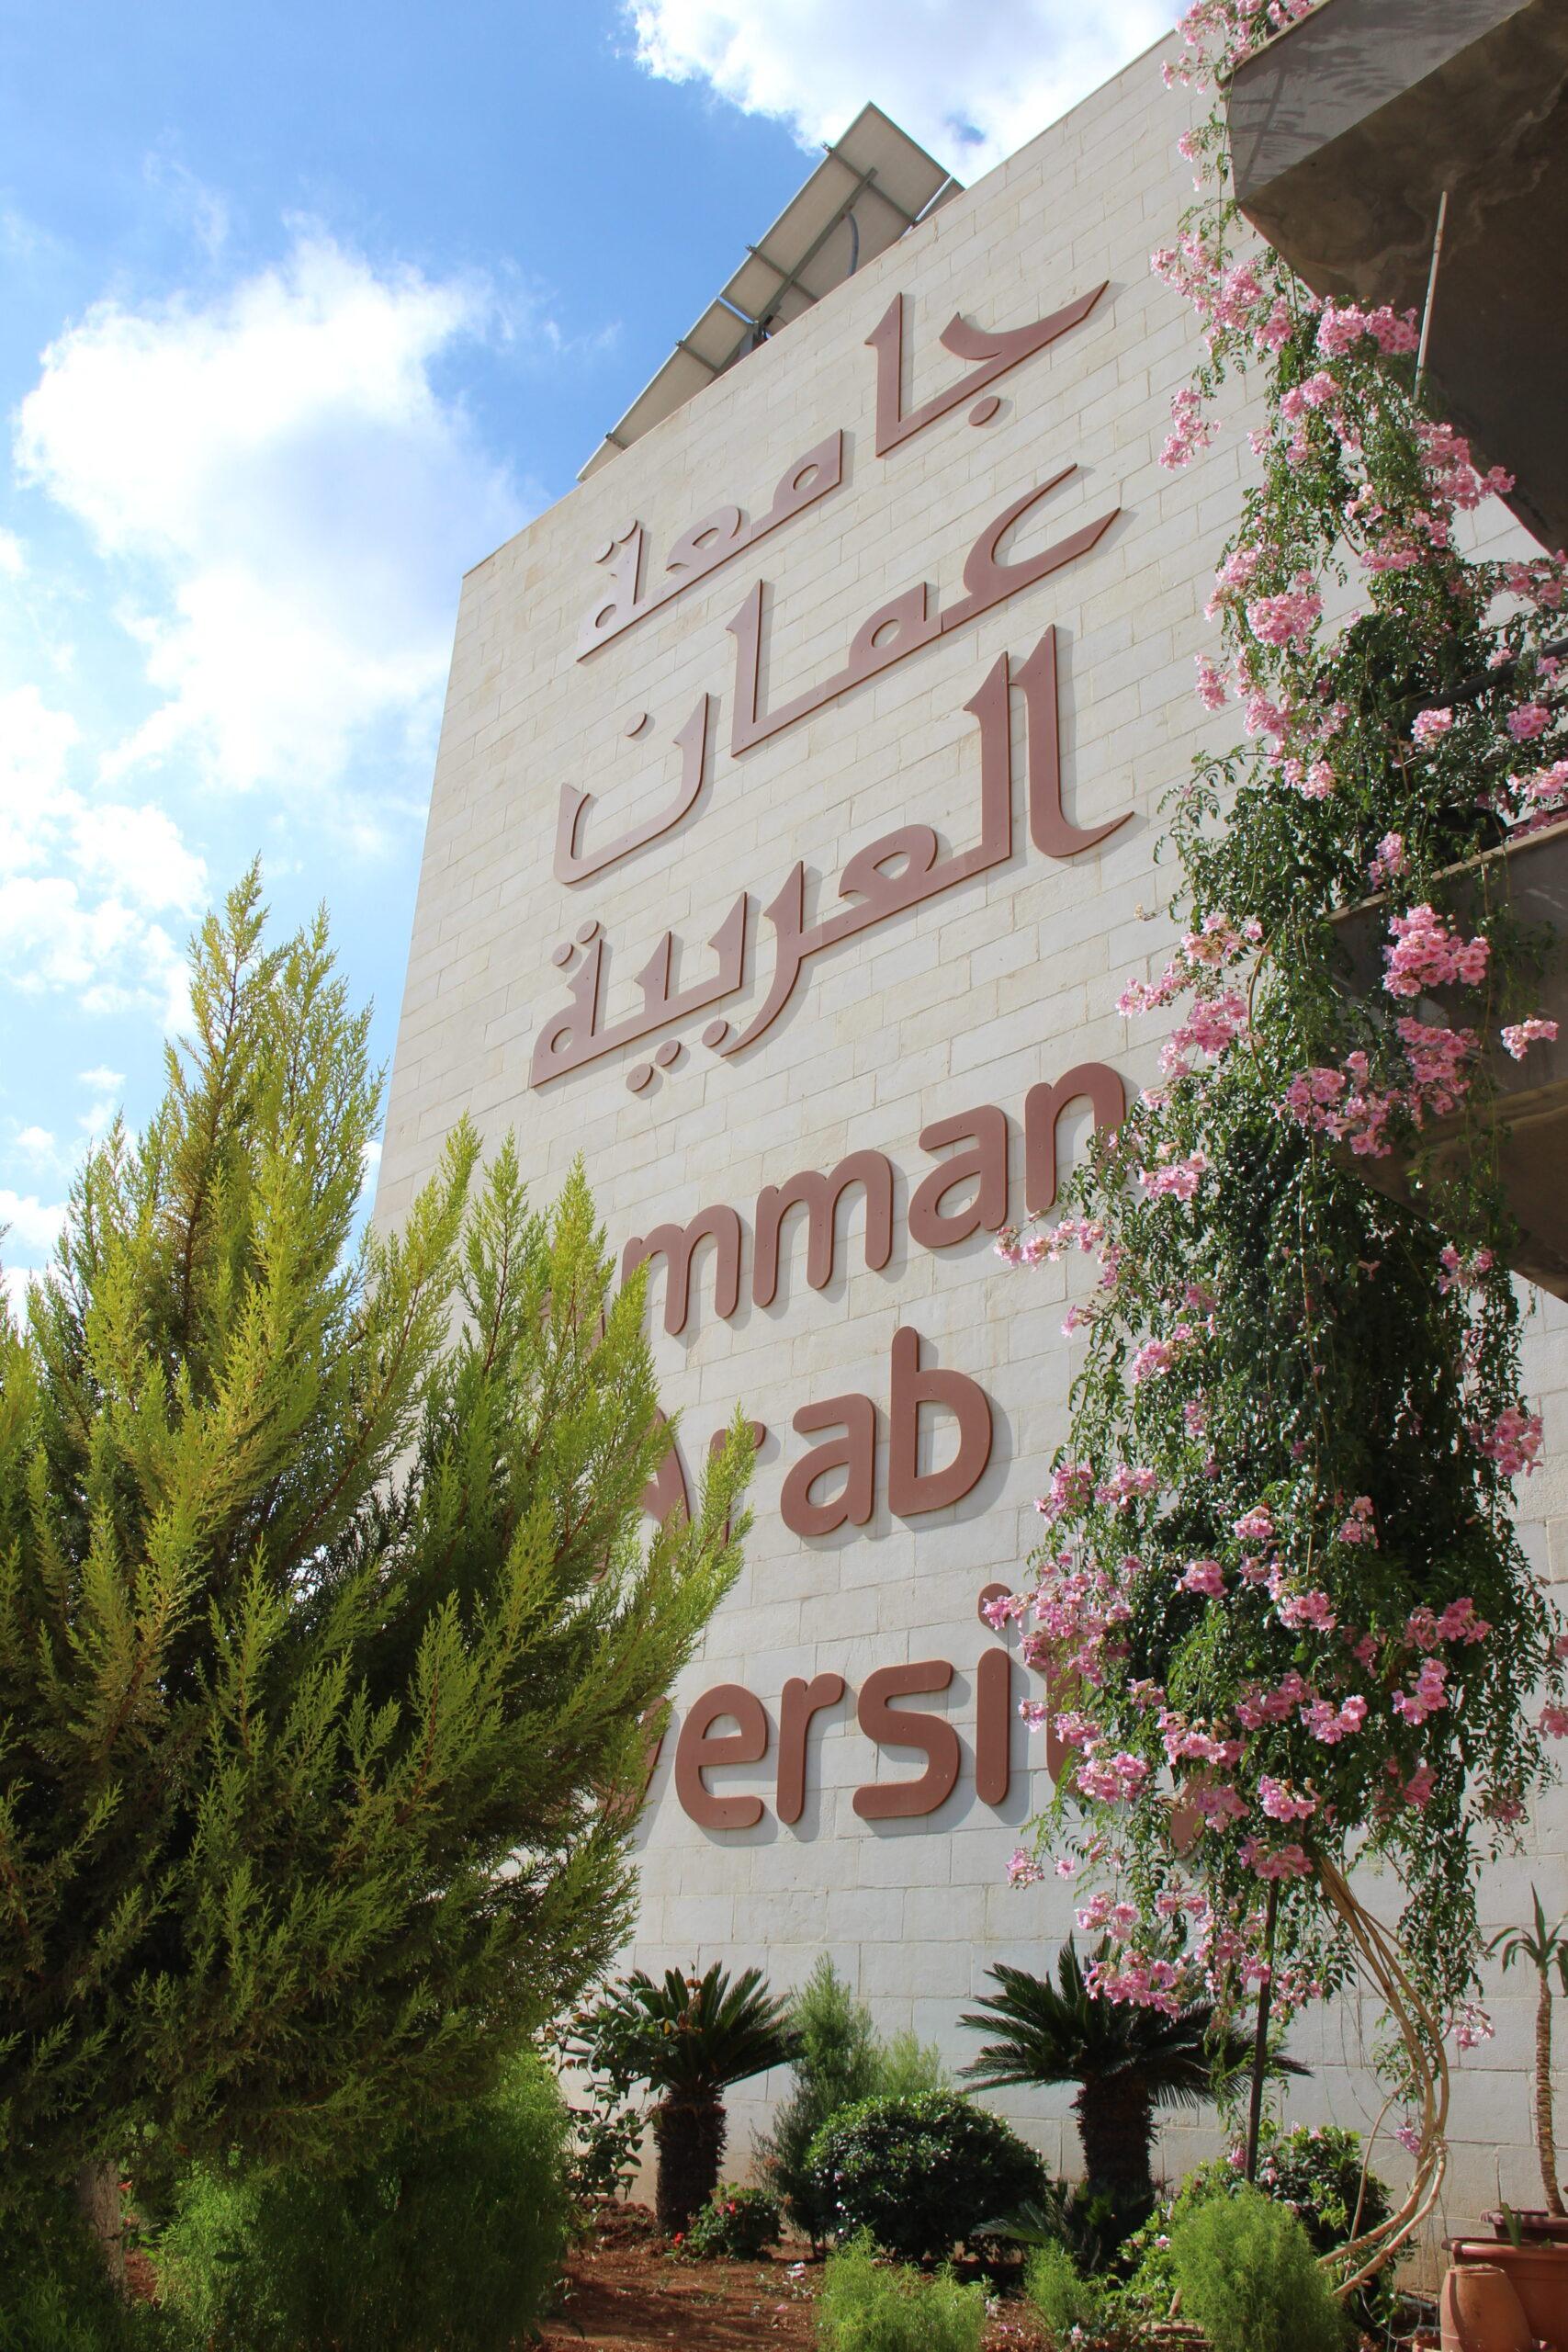 جامعة عمان العربية للمرة الأولى في تصنيف التايمز العالمي للجامعات